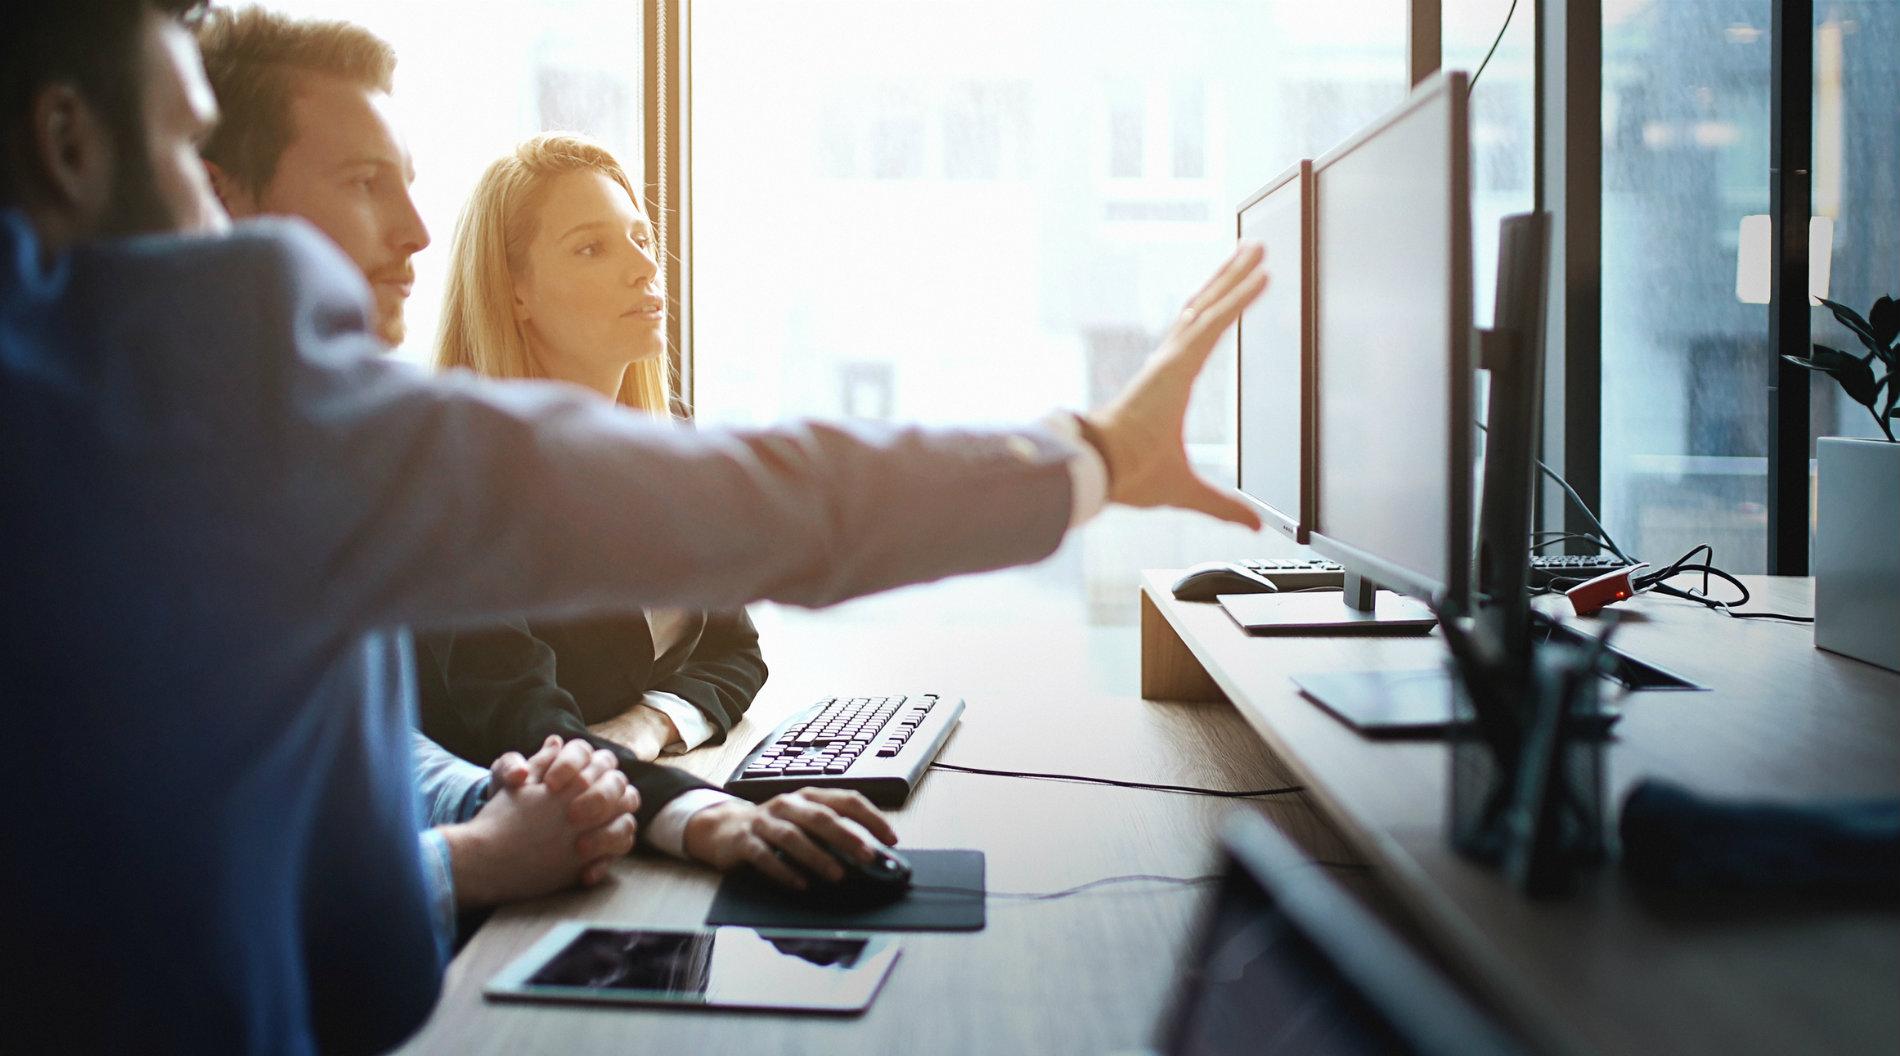 Empresas de BPO: por que escolher a Vexia?